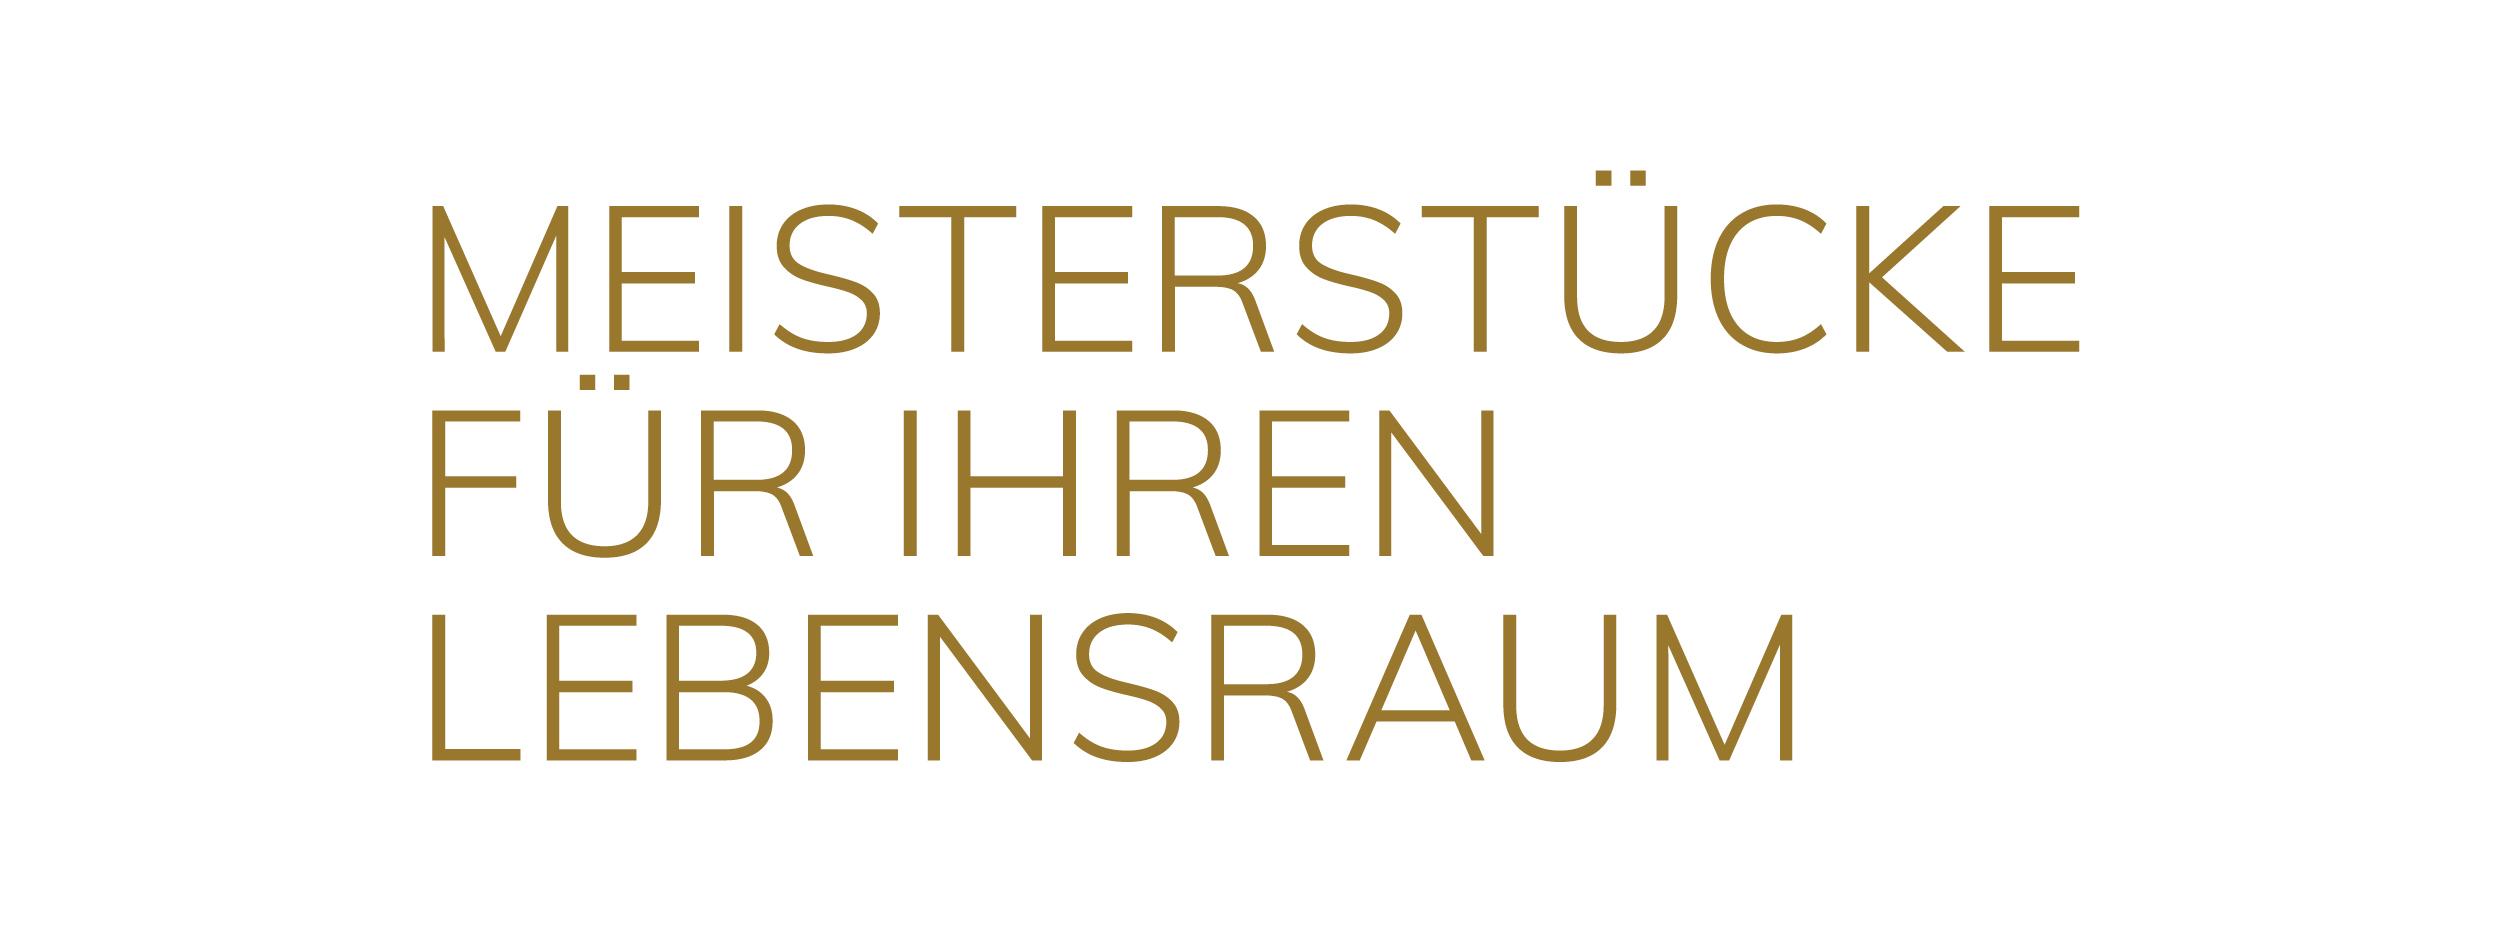 fliesen sabel positionierung TWINNERS Zwillingsagentur Werbeagentur Designagentur Design Werbung Konzept Emsbüren Plettenberg